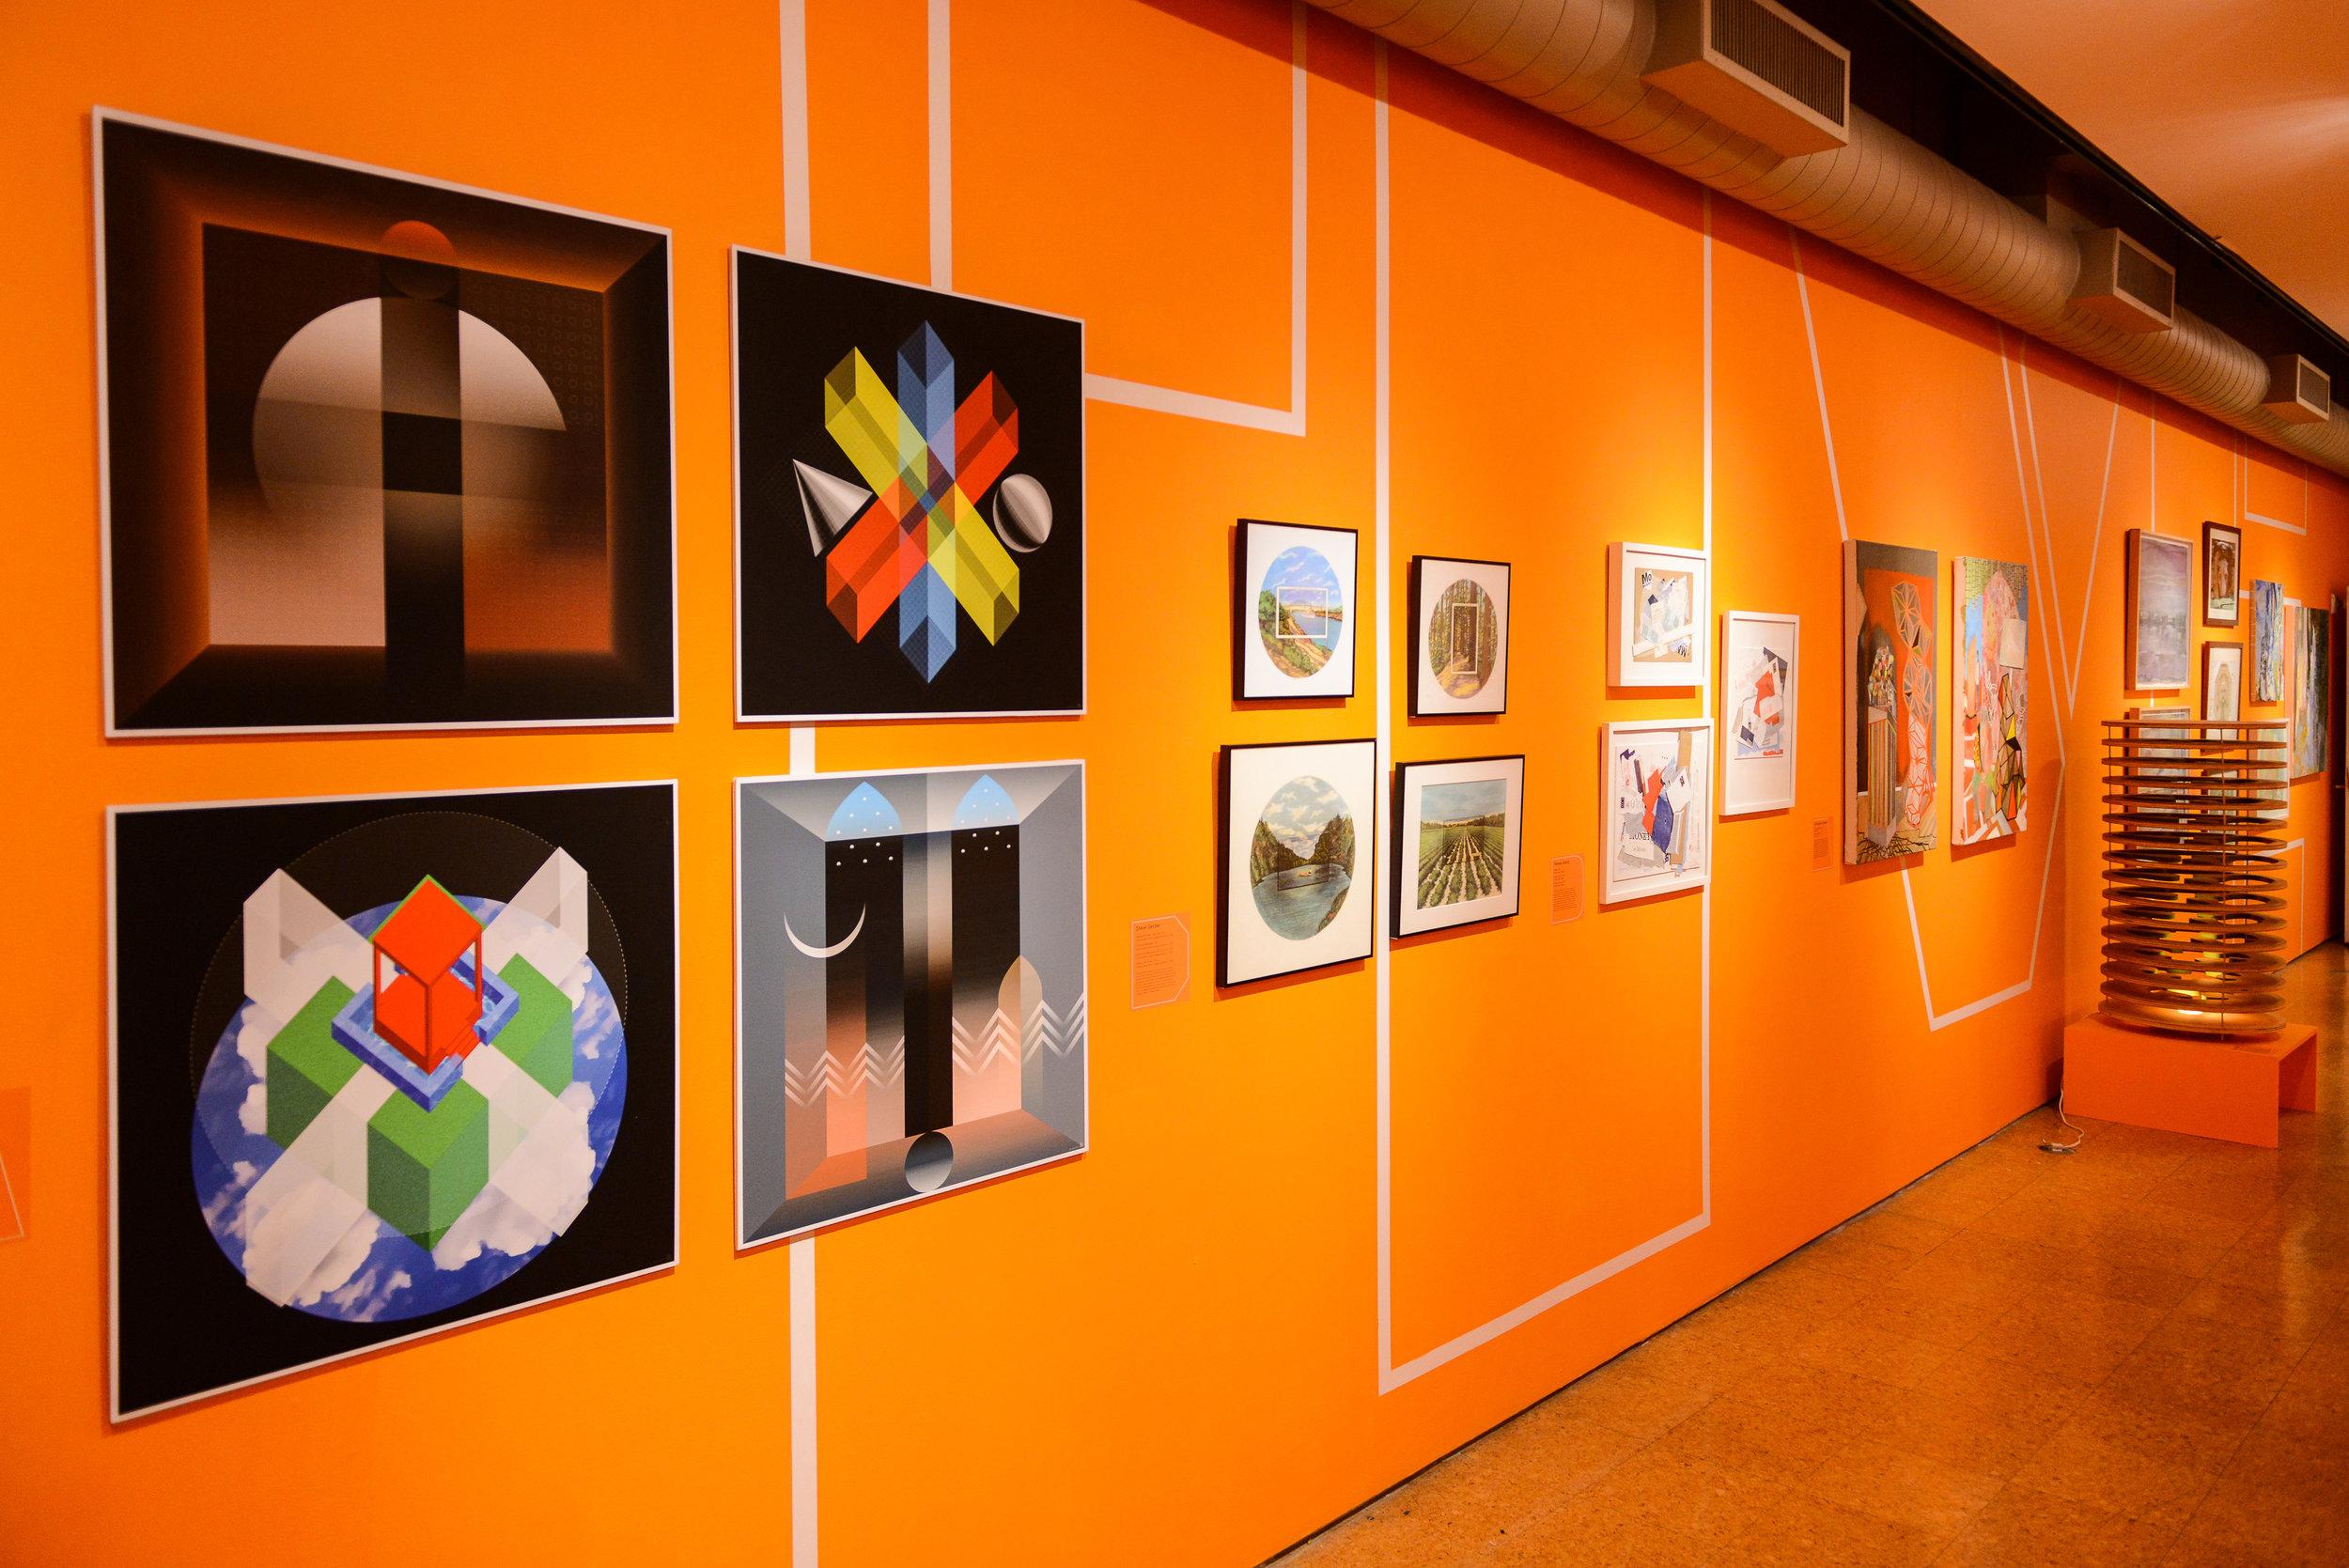 creative-scholarship-a-nysid-faculty-exhibition_36804090094_o[1].jpg